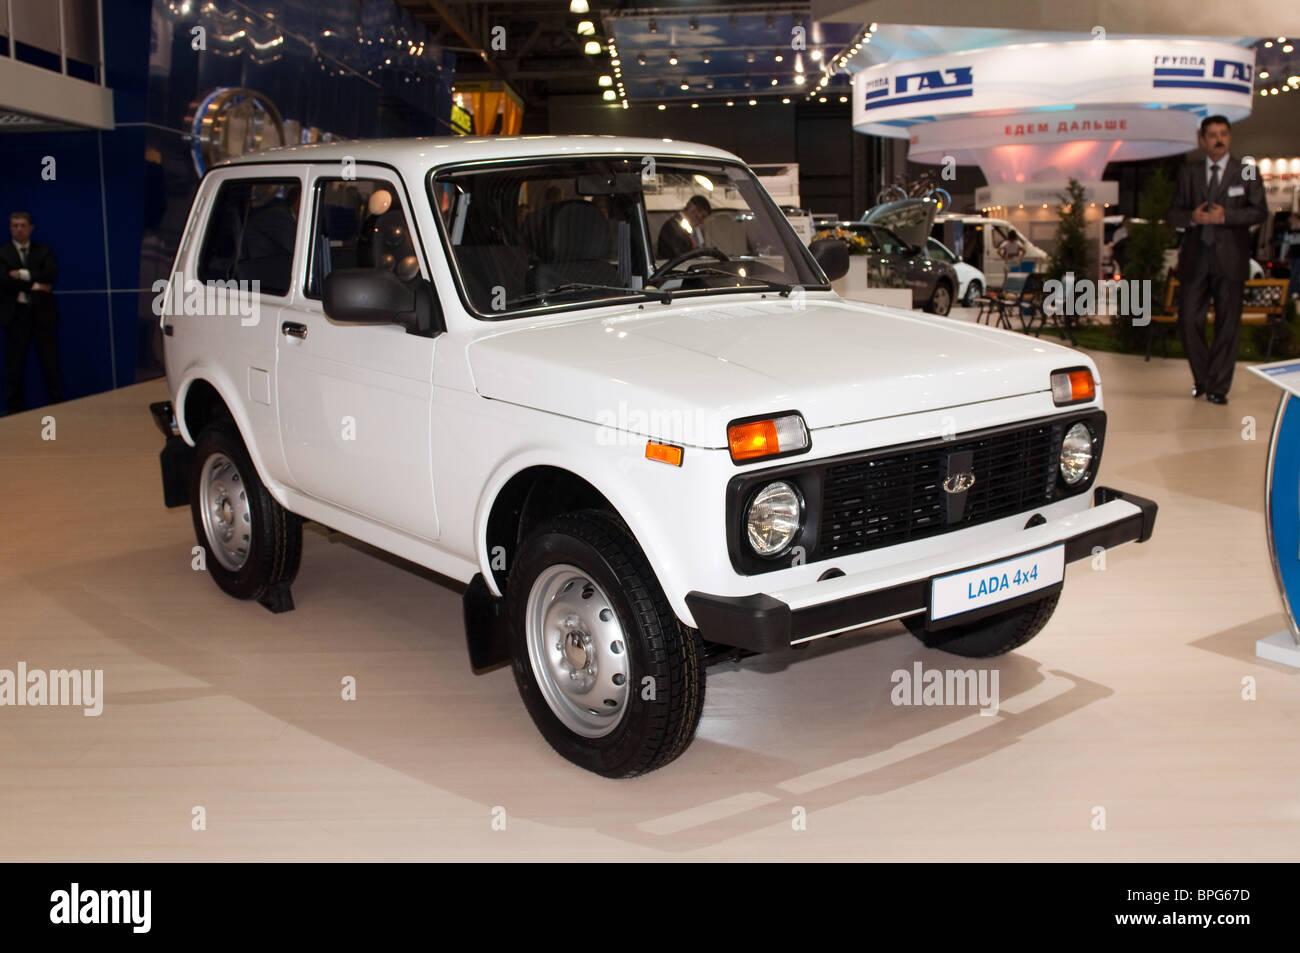 Moskau, Russland - 26 August: Moskau internationalen Automobil-Salon 2010. NIVA - legendäre russische Geländewagen Stockbild